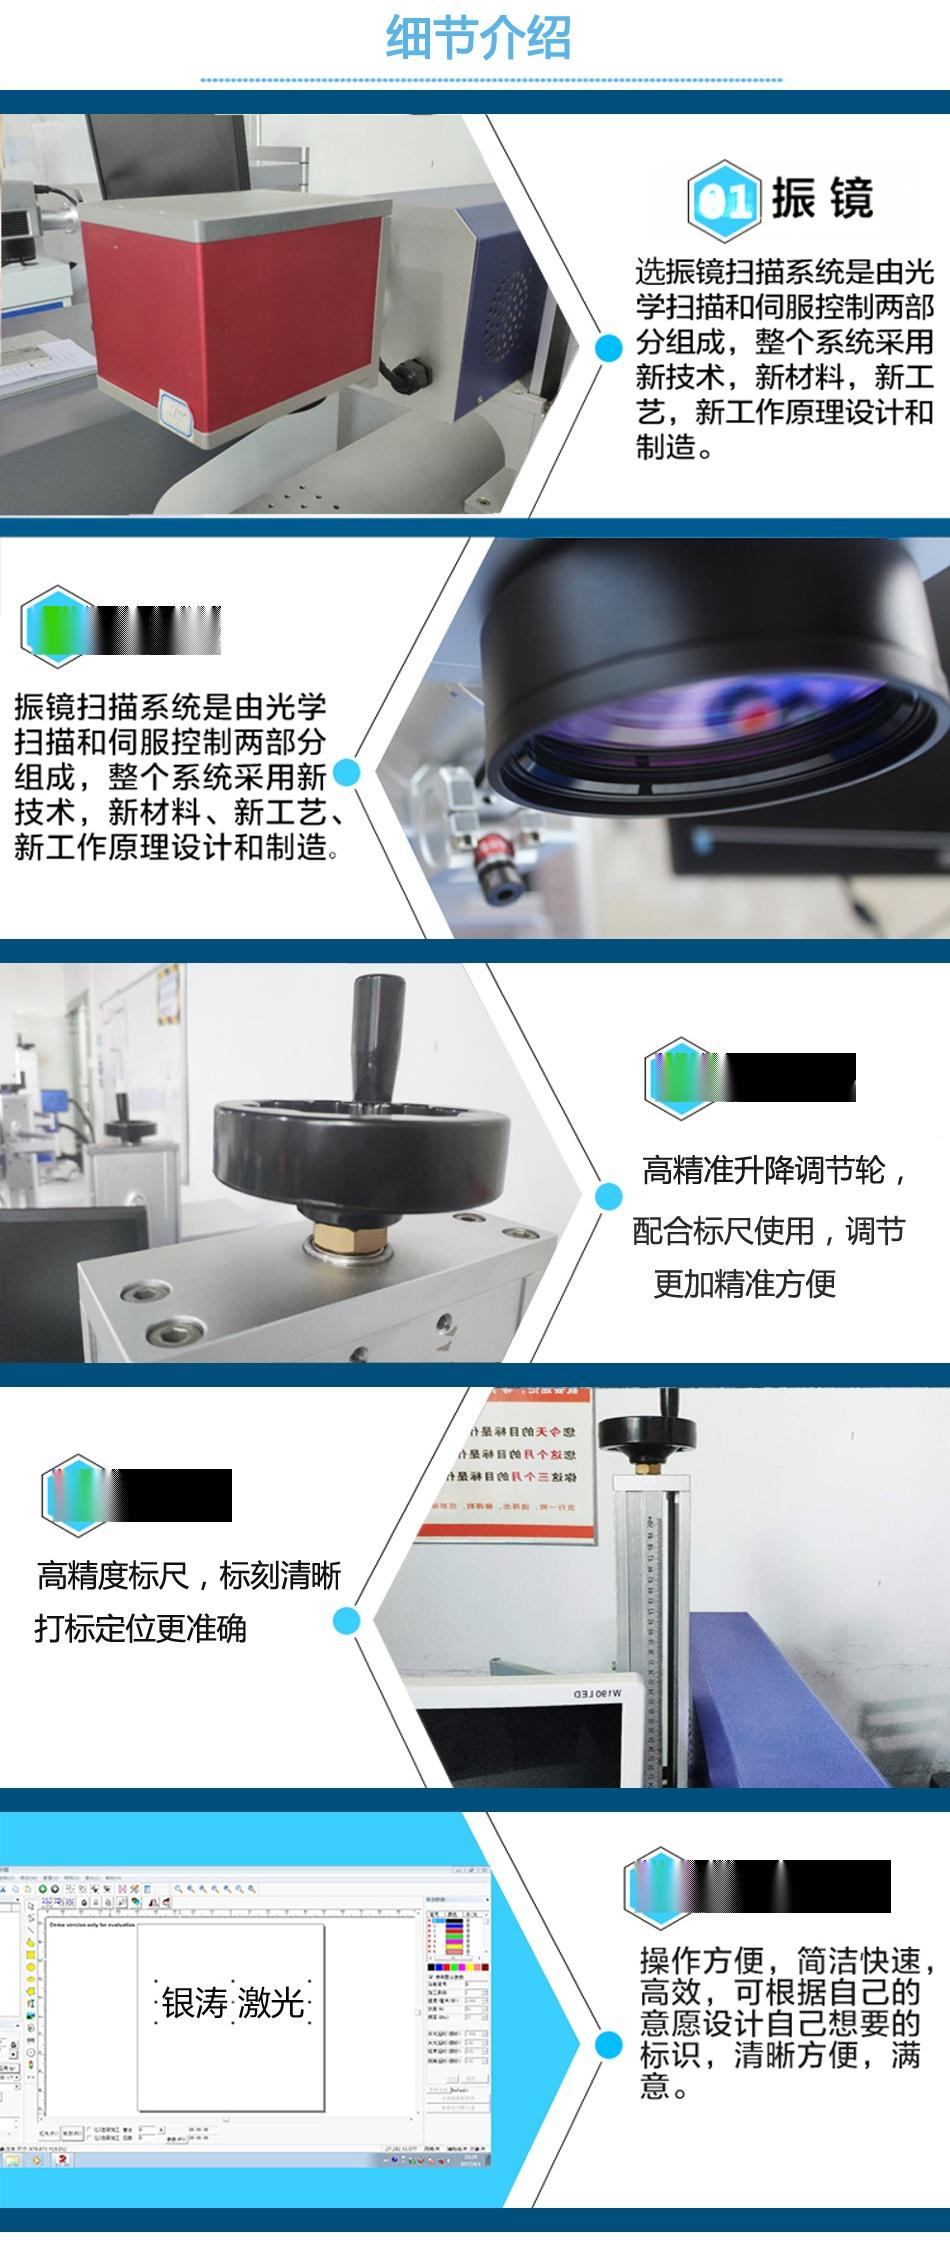 二氧化碳激光打标机_07.jpg